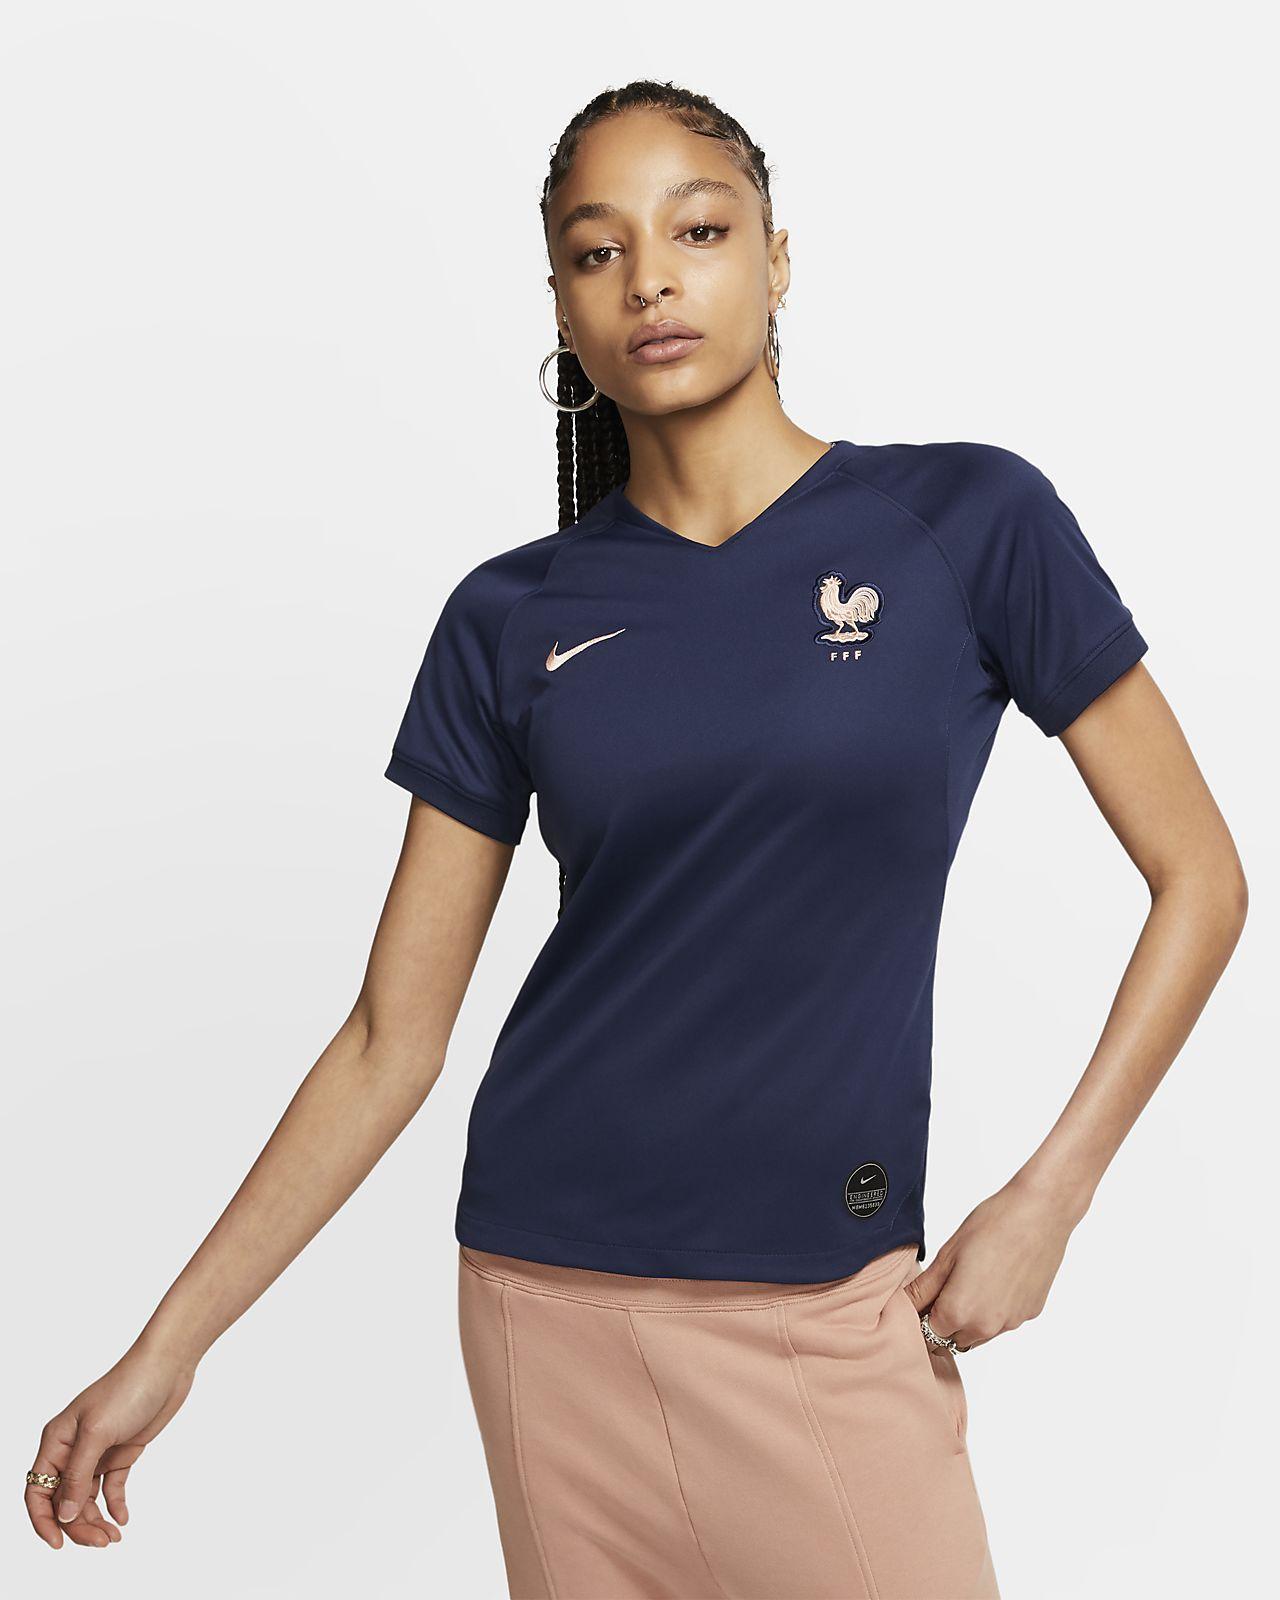 FFF 2019 Stadium Home Women's Football Shirt